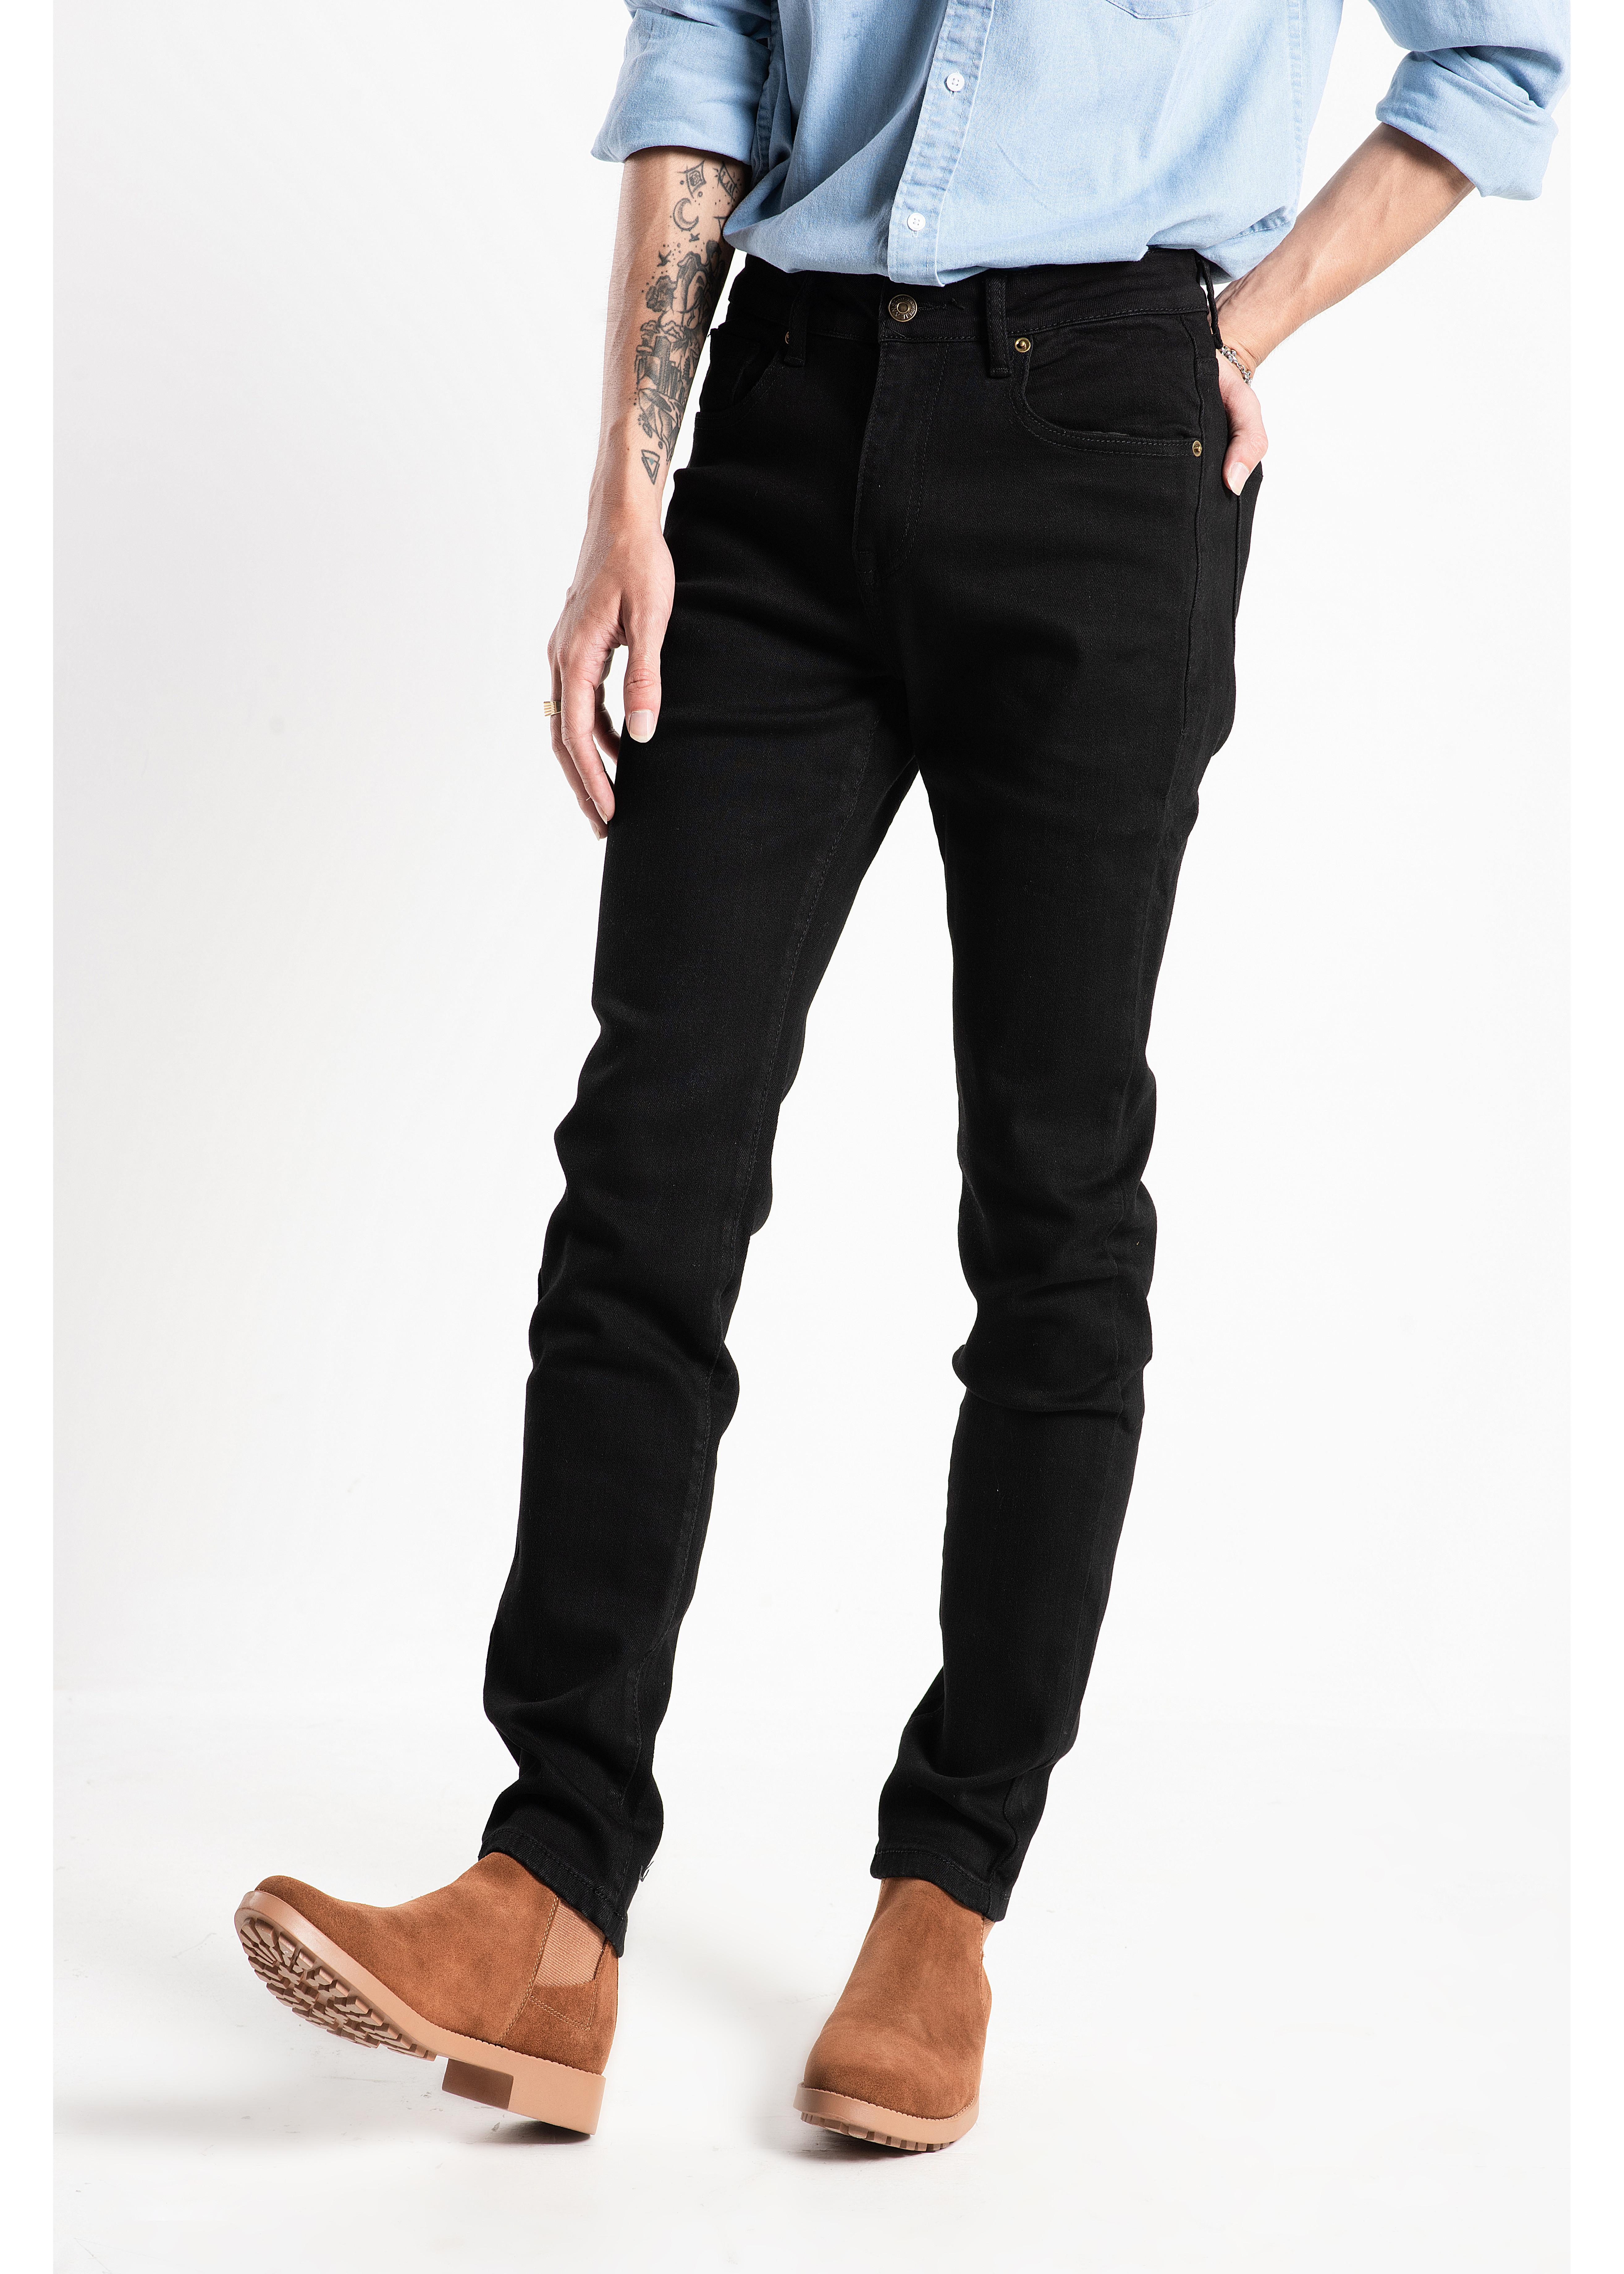 Quần jeans nam màu đen trơn Routine chất jean thun co giãn dáng Skinni QJRO3030819